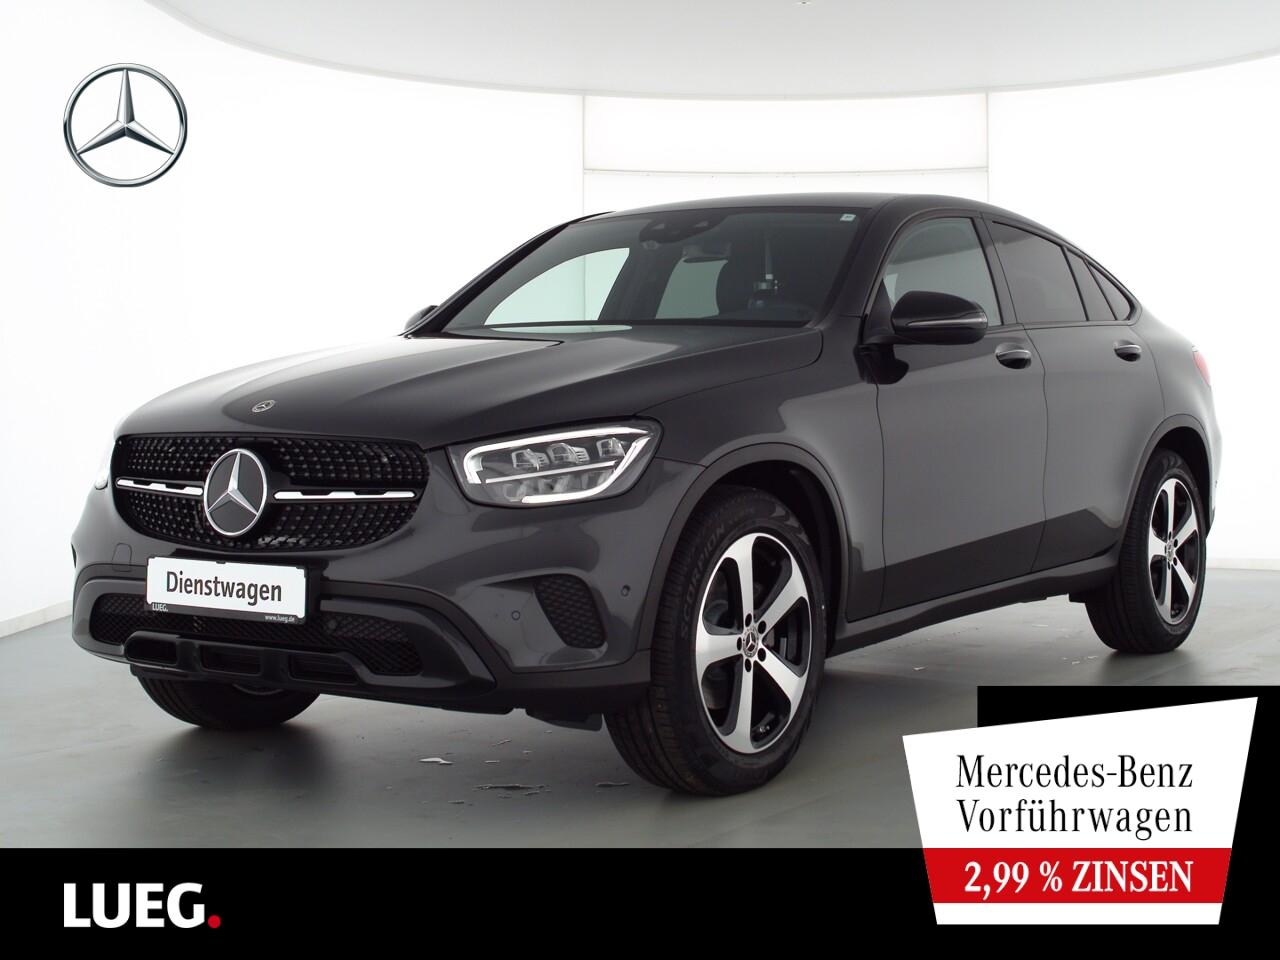 Mercedes-Benz GLC 220 d 4M Coupé NIGHT+19''+EXCLUSIVE+BURMESTE, Jahr 2021, Diesel